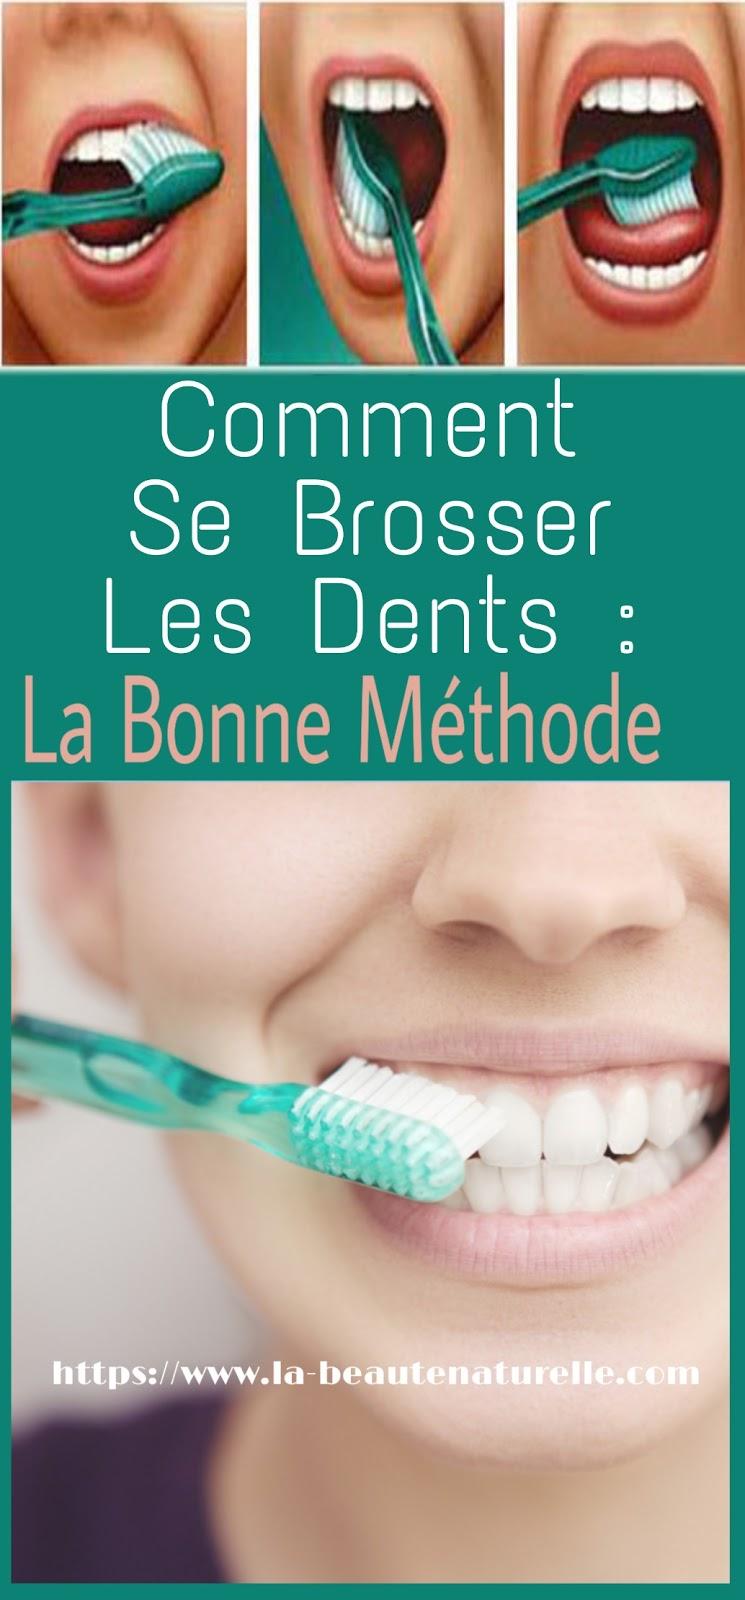 Comment Se Brosser Les Dents : La Bonne Méthode